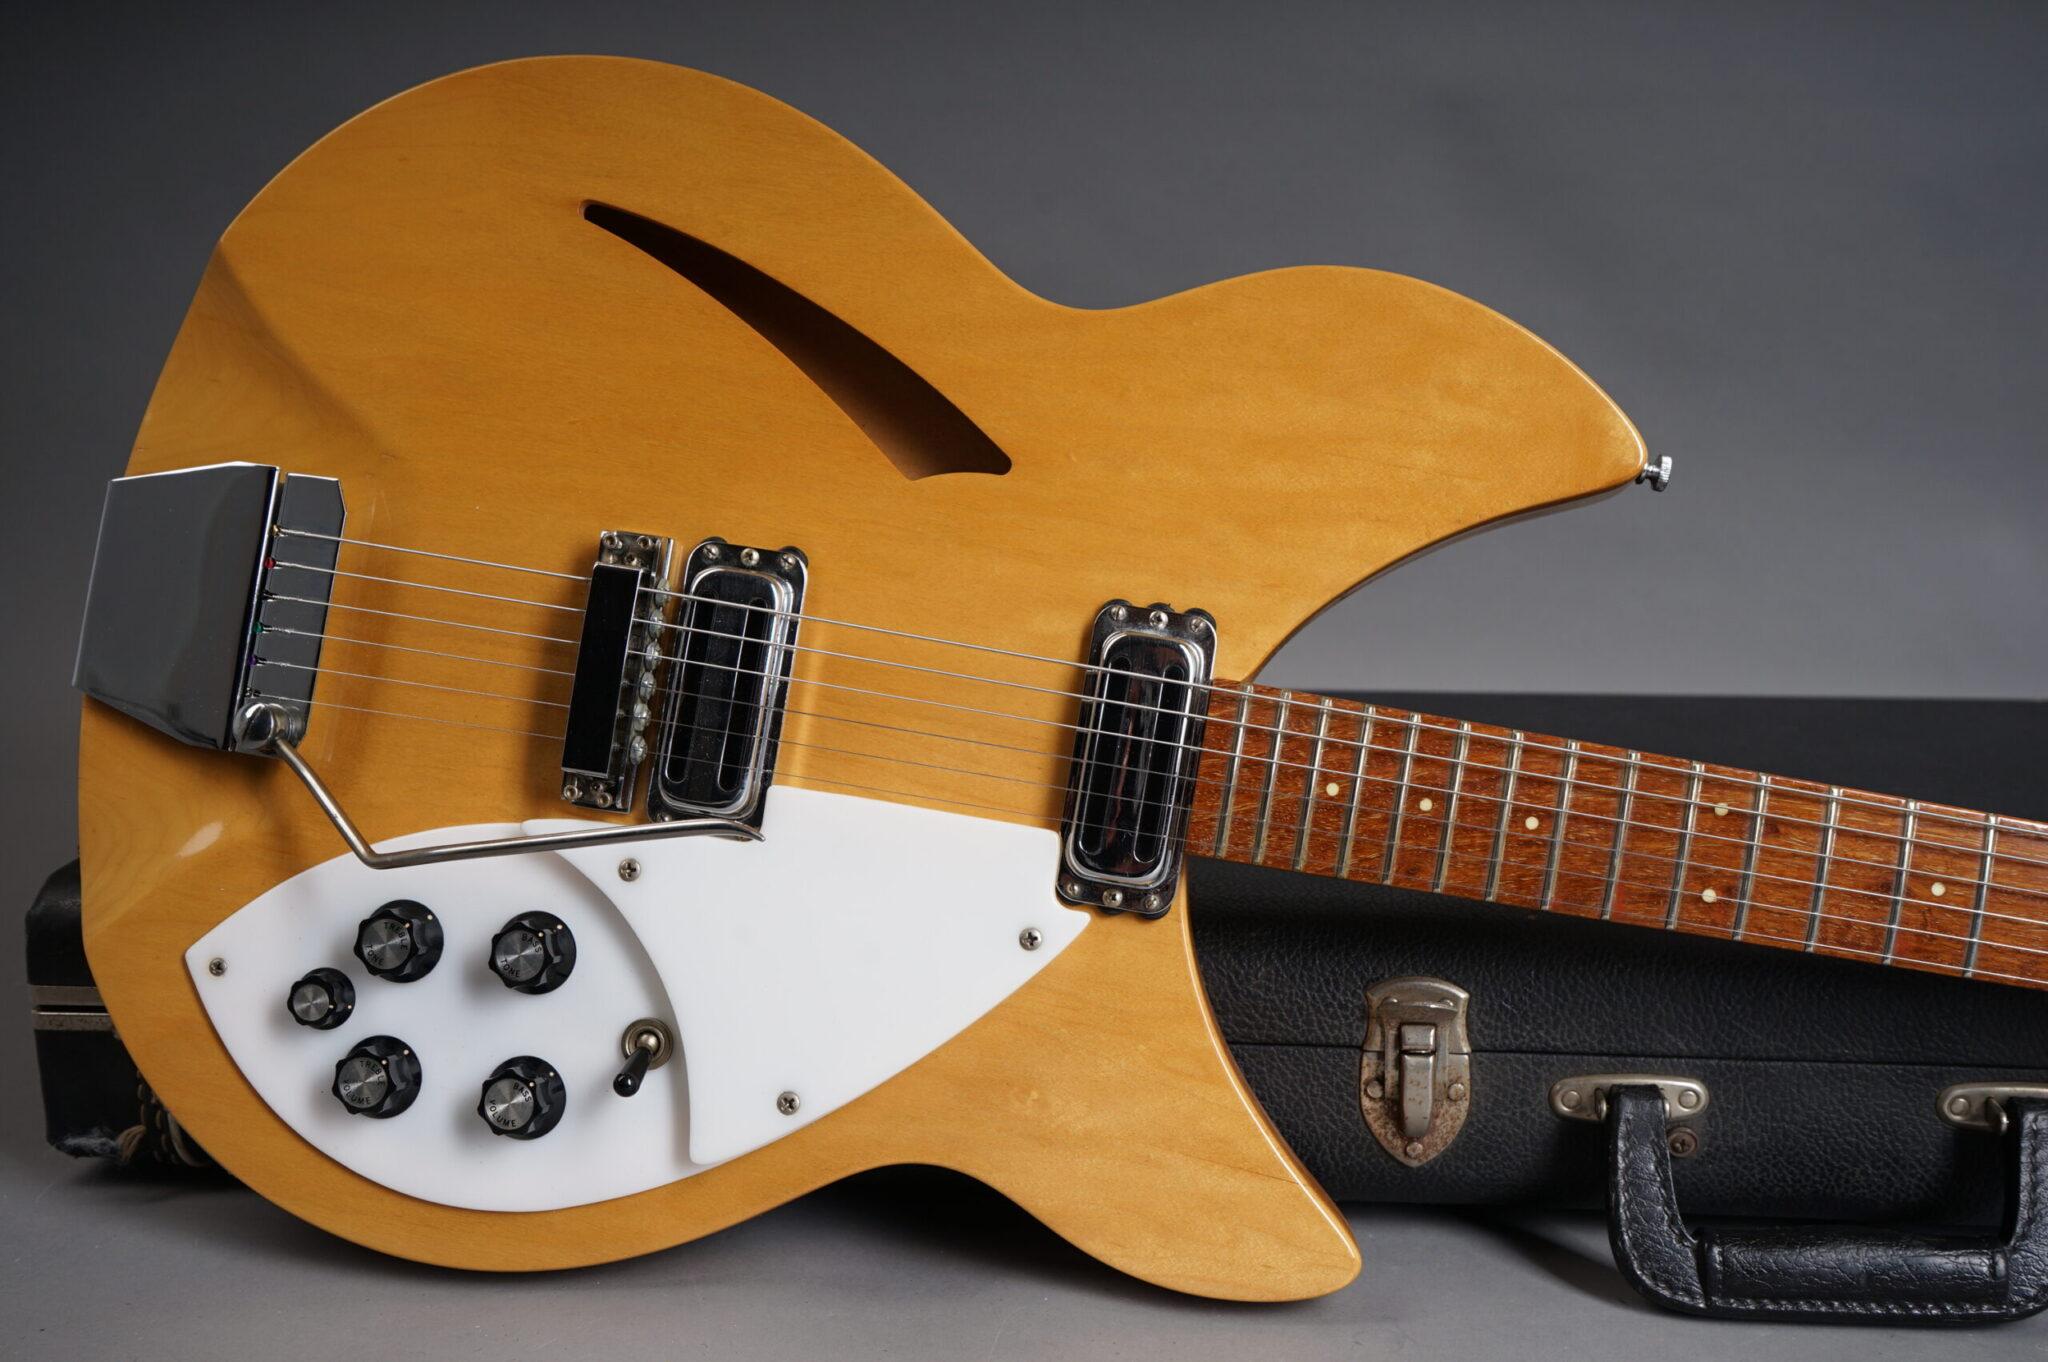 https://guitarpoint.de/app/uploads/products/1967-rickenbacker-335-mapleglo/1967-Rickenbacker-335-Mapleglo-GE2492-8-scaled-2048x1362.jpg